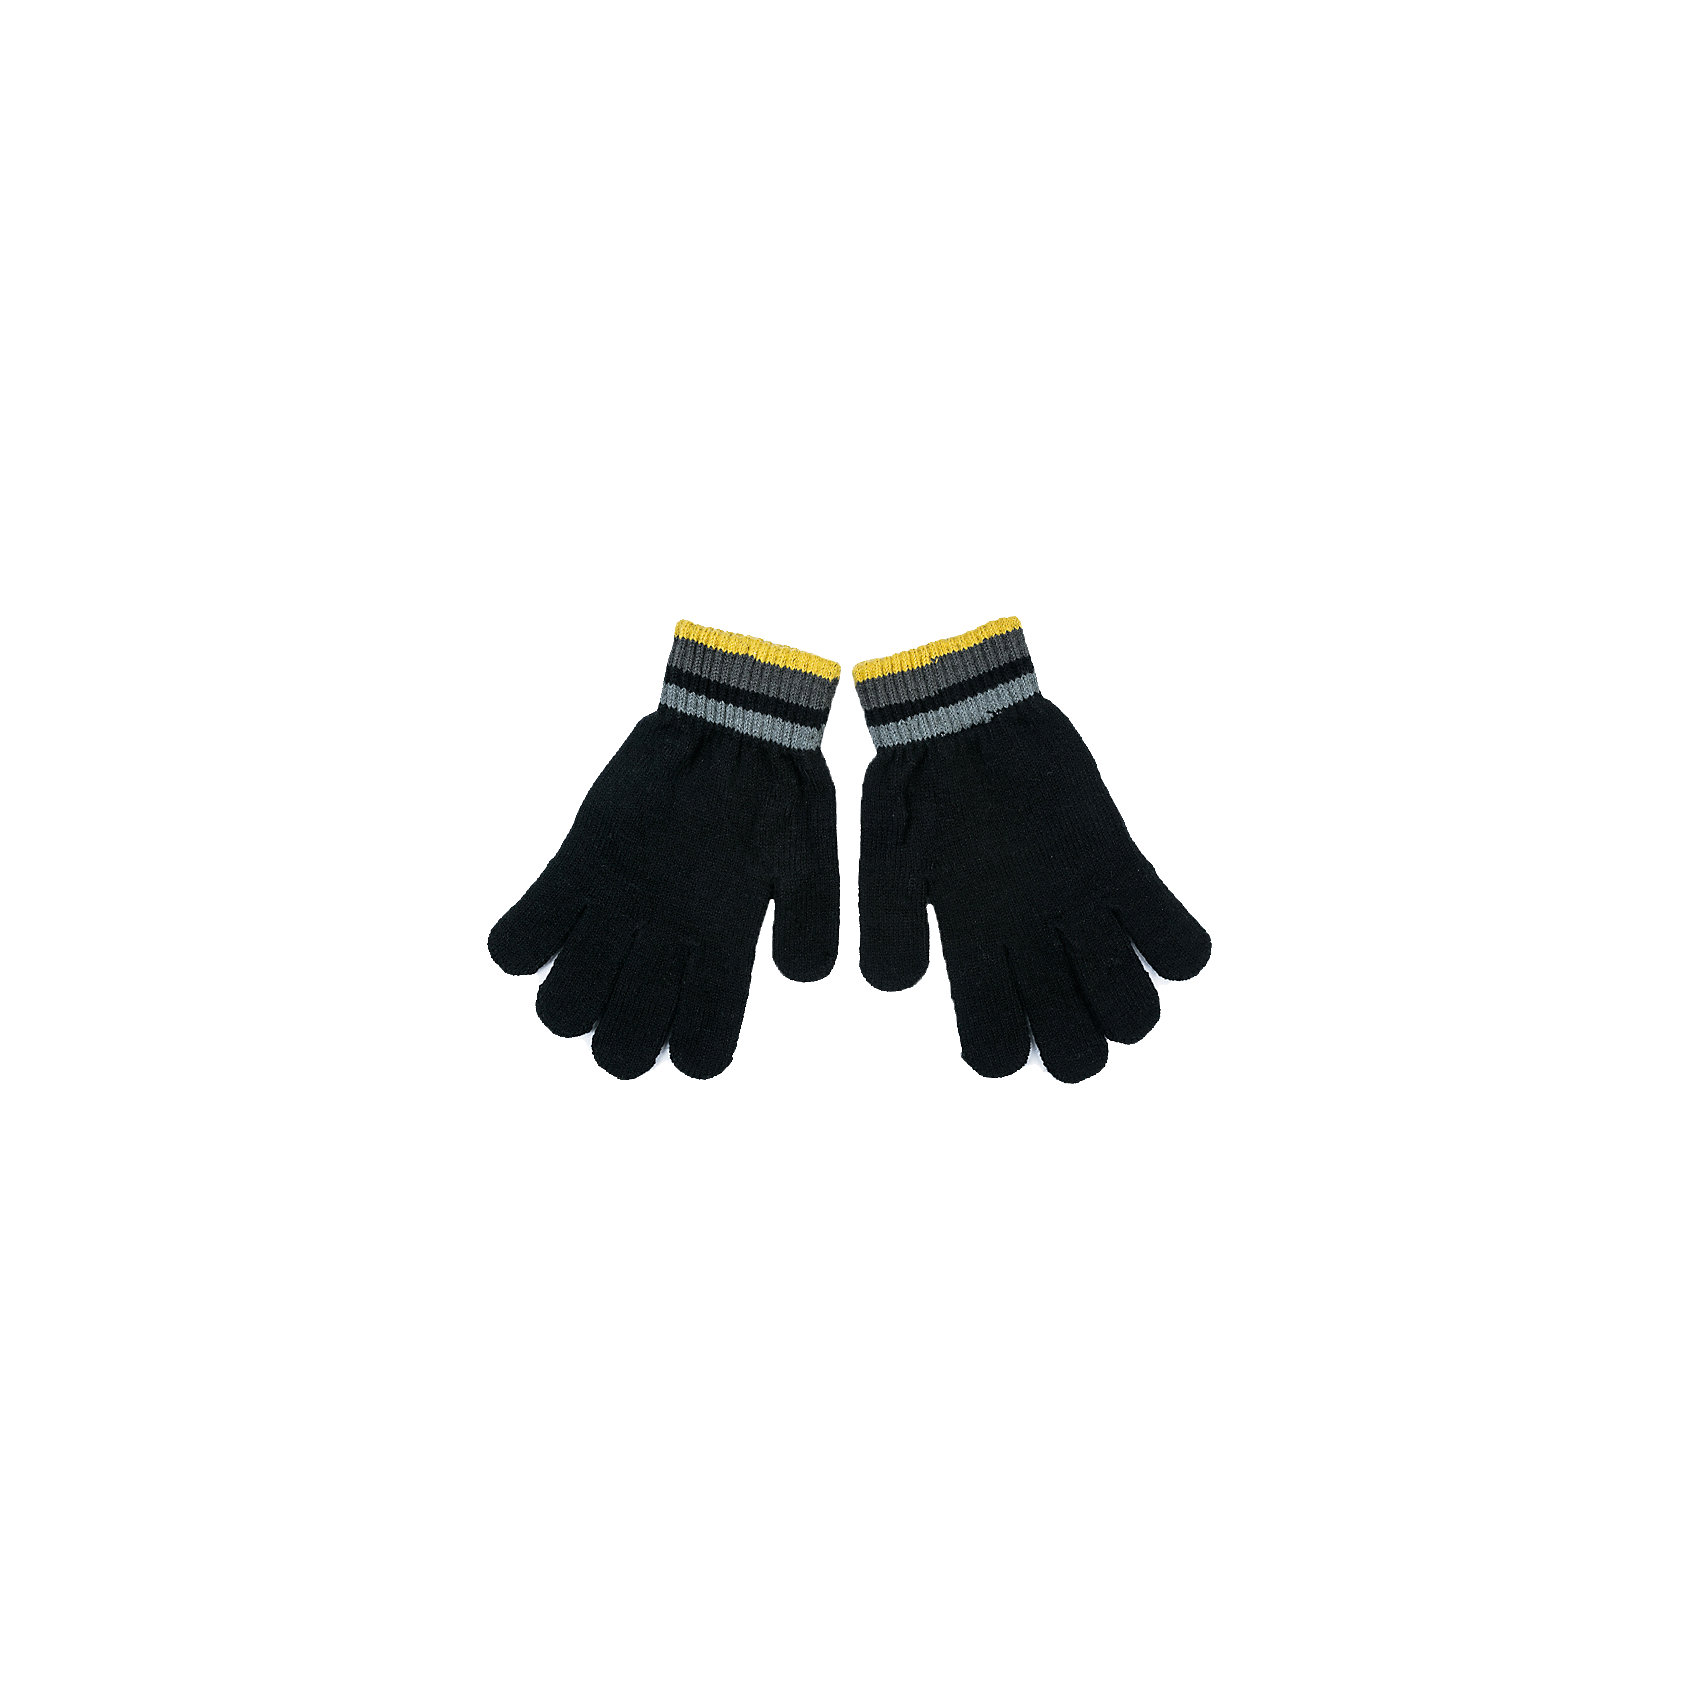 Перчатки Scool для мальчикаВерхняя одежда<br>Перчатки Scool для мальчика<br>Перчатки из смесовой ткани с высоким содержанием натурального хлопка. Плотные трикотажные резинки хорошо облегают запястье.<br>Состав:<br>58% хлопок, 40% акрил, 2% эластан<br><br>Ширина мм: 162<br>Глубина мм: 171<br>Высота мм: 55<br>Вес г: 119<br>Цвет: черный<br>Возраст от месяцев: 132<br>Возраст до месяцев: 156<br>Пол: Мужской<br>Возраст: Детский<br>Размер: 7,5,6<br>SKU: 7104999